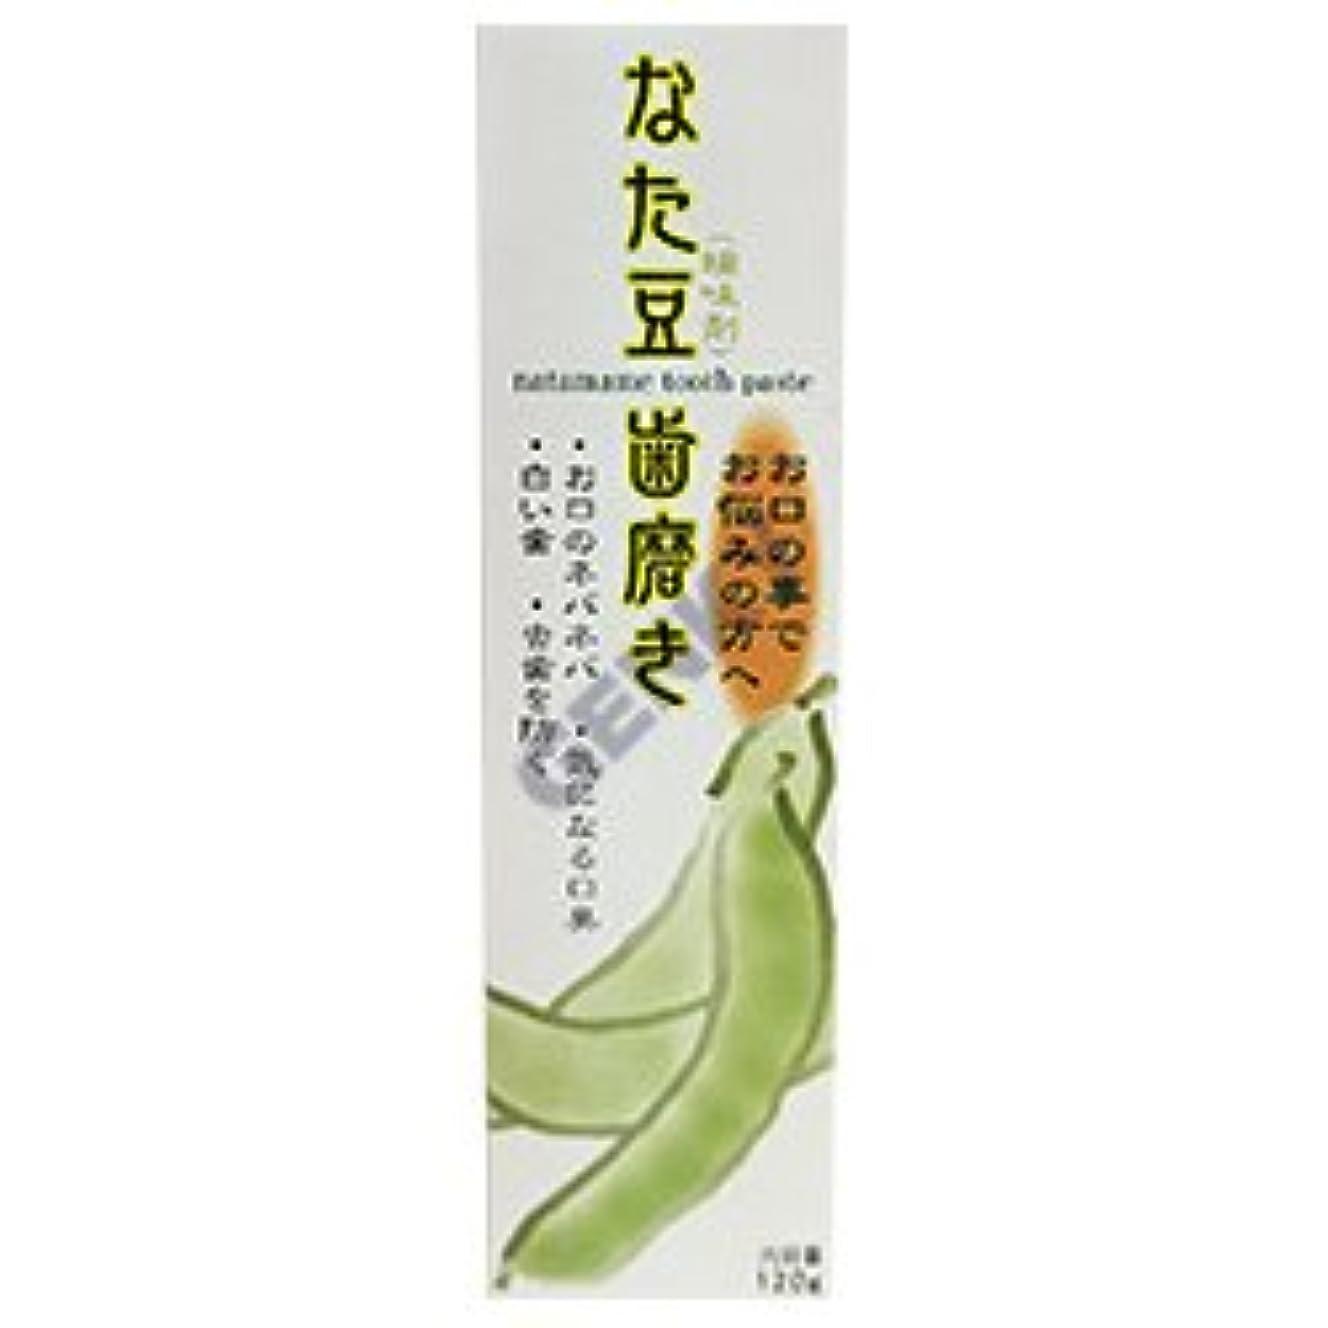 不機嫌そうな痴漢心配【モルゲンロート】なた豆歯磨き 120g ×5個セット